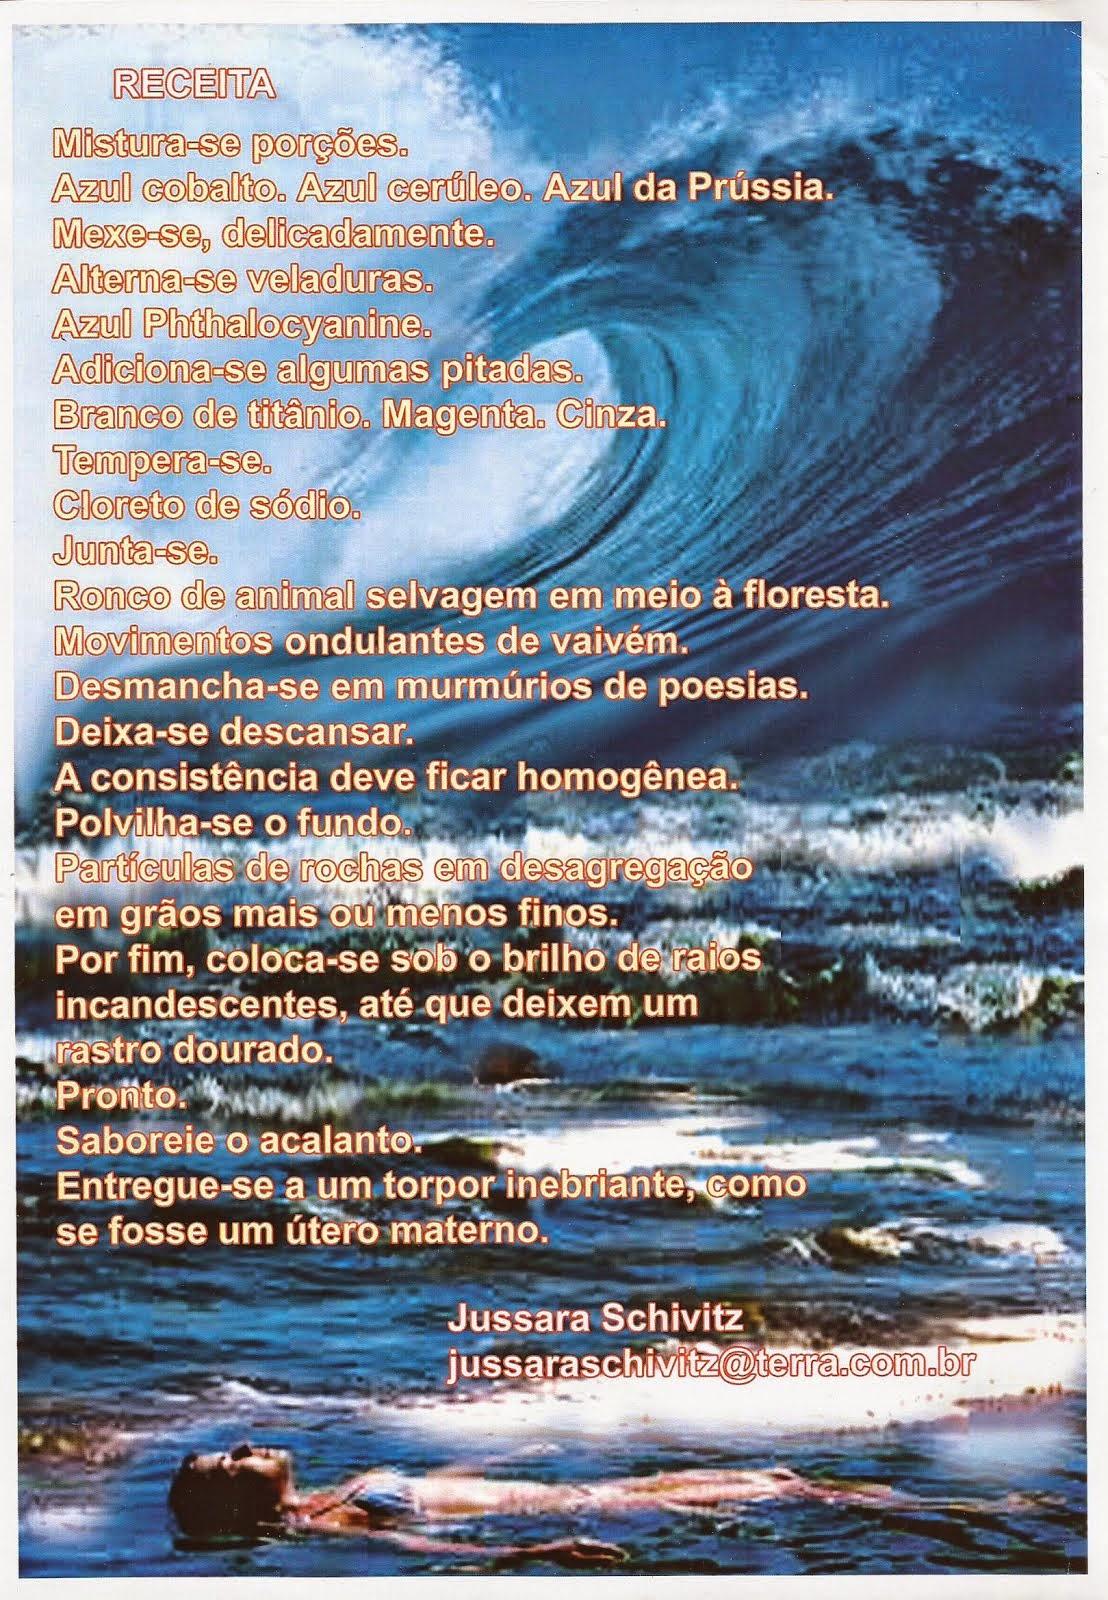 Jussara Schivitz - Brasil